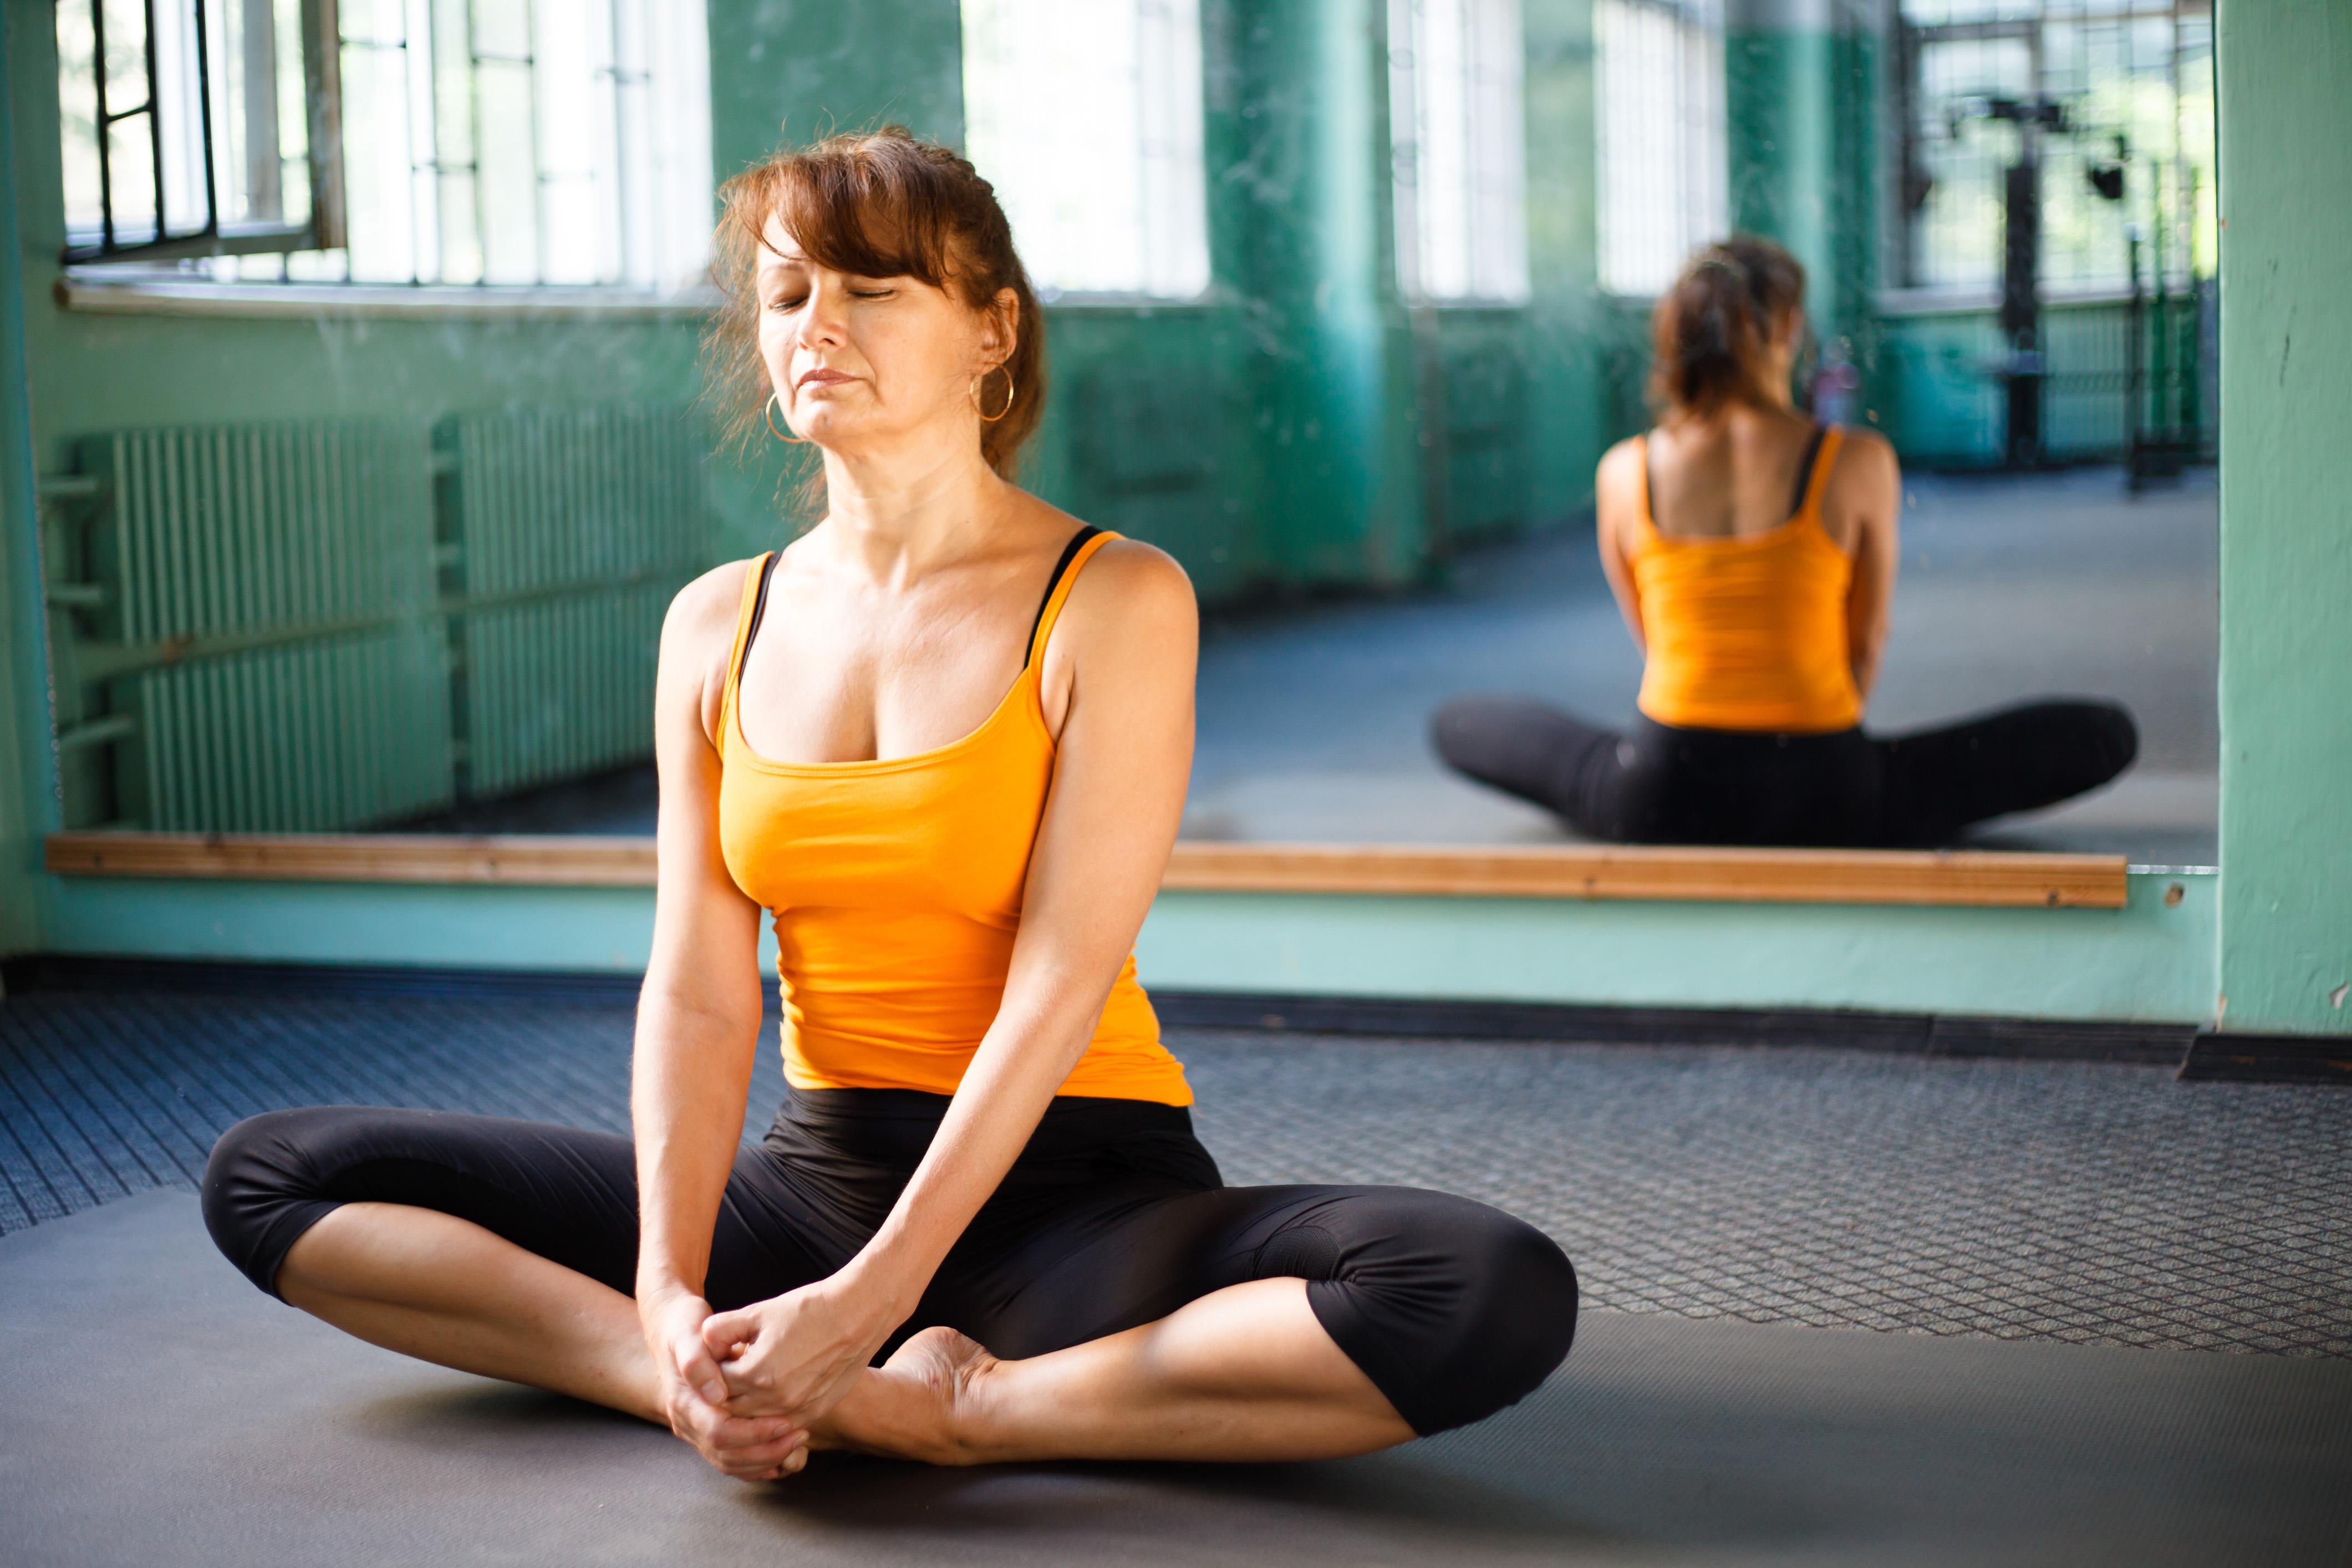 Studier visar på att regelbunden yoga, i kombination med god sjukvård, kan ge viktiga fysiska och psykiska hälsoeffekter hos artrospatienter.